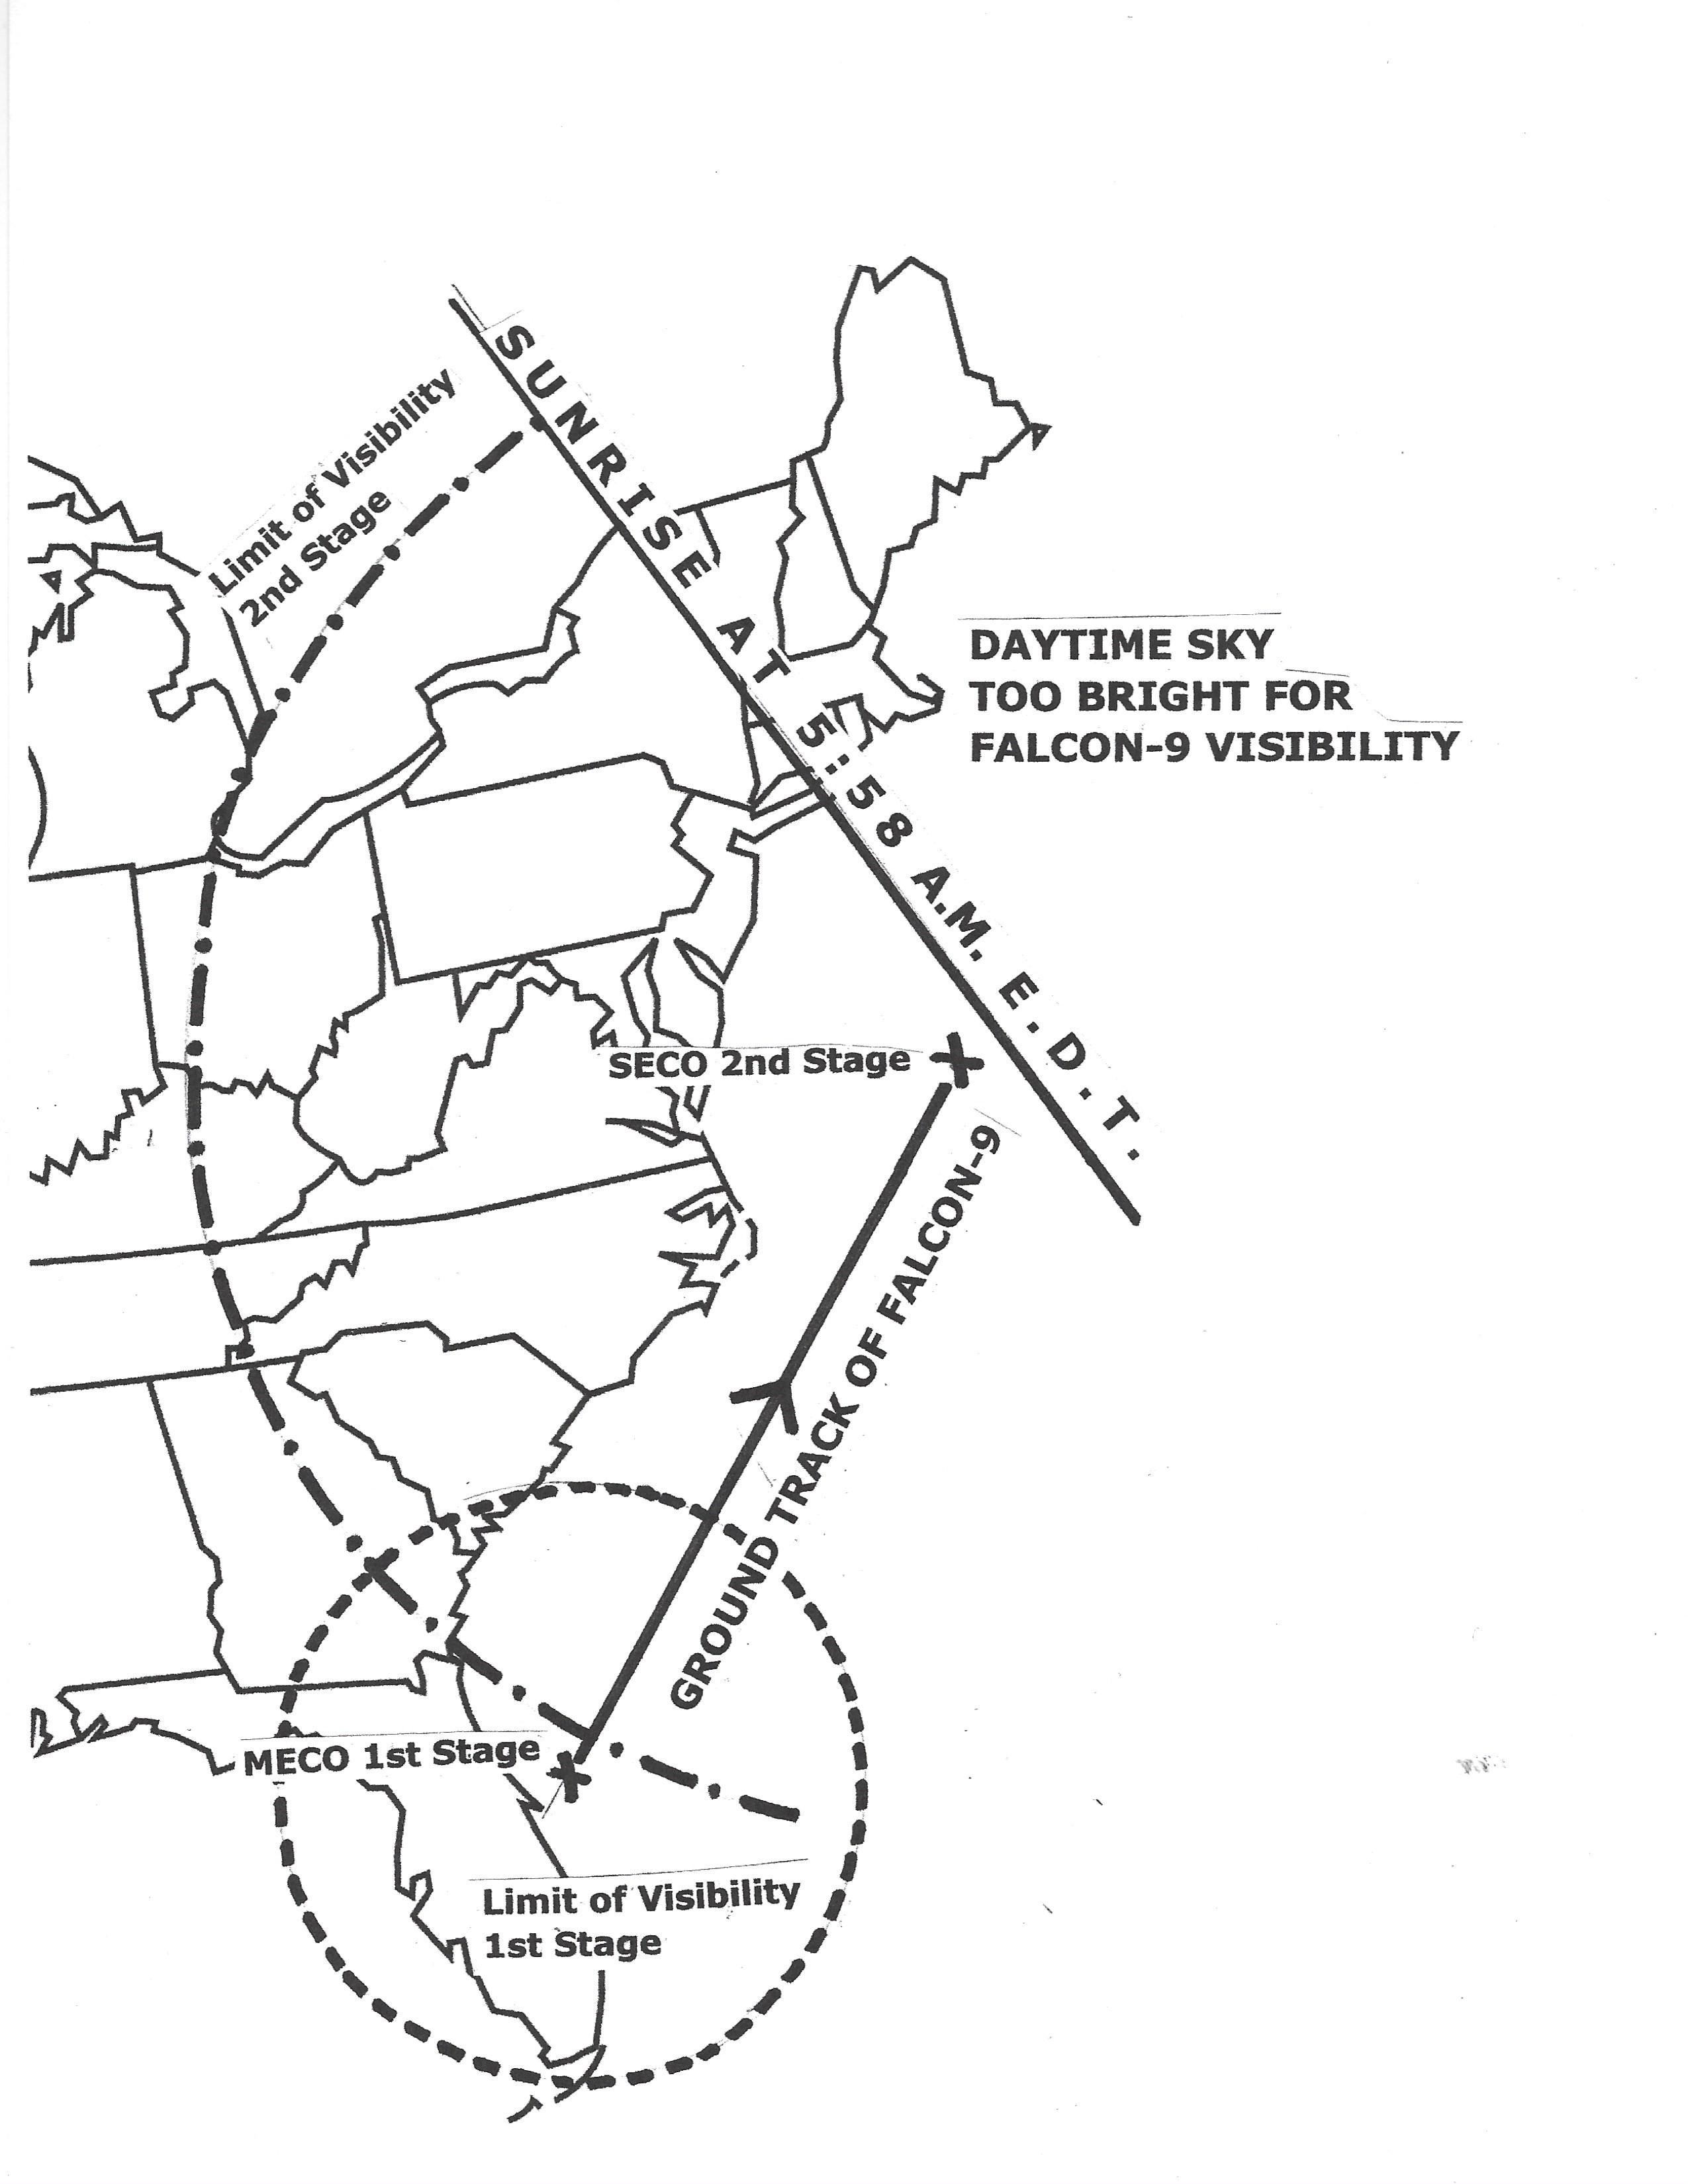 Cette carte du ciel montre la zone de visibilité sur la côte est des États-Unis pour le lancement de la fusée Falcon 9 et de l'astronaute Crew-2 de SpaceX le 23 avril 2021.